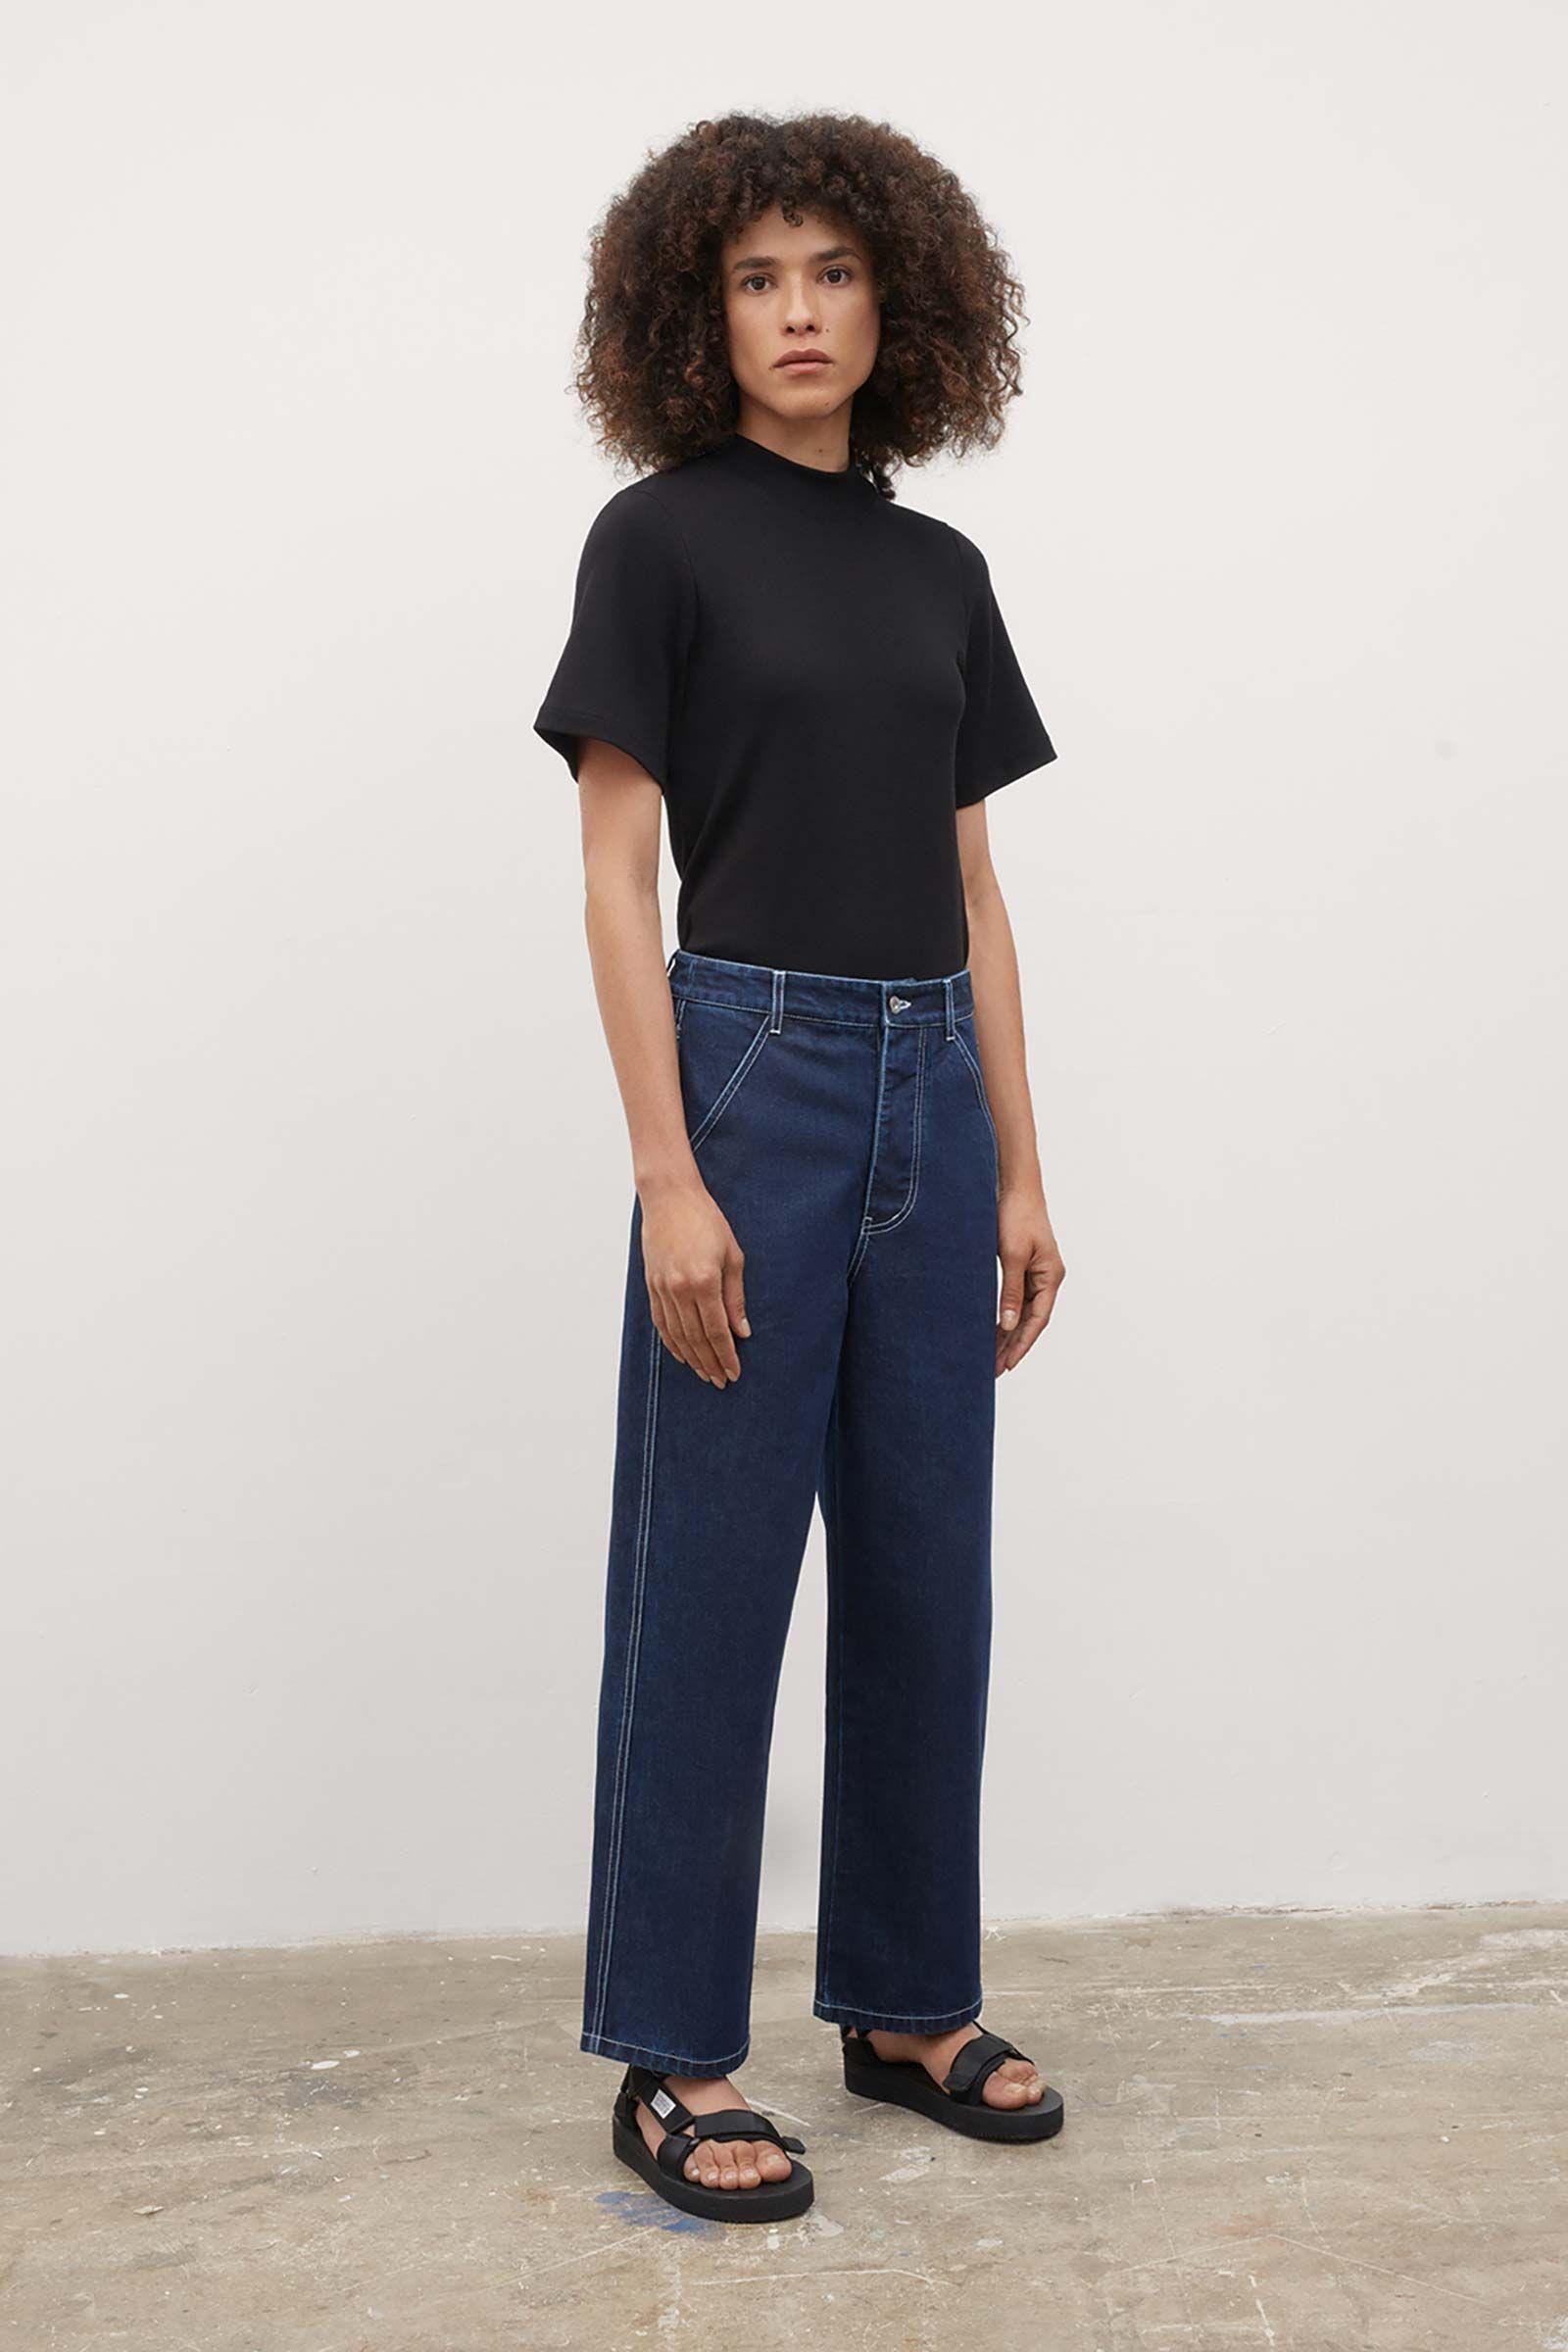 Product Image for Barrel Jeans, Indigo Denim